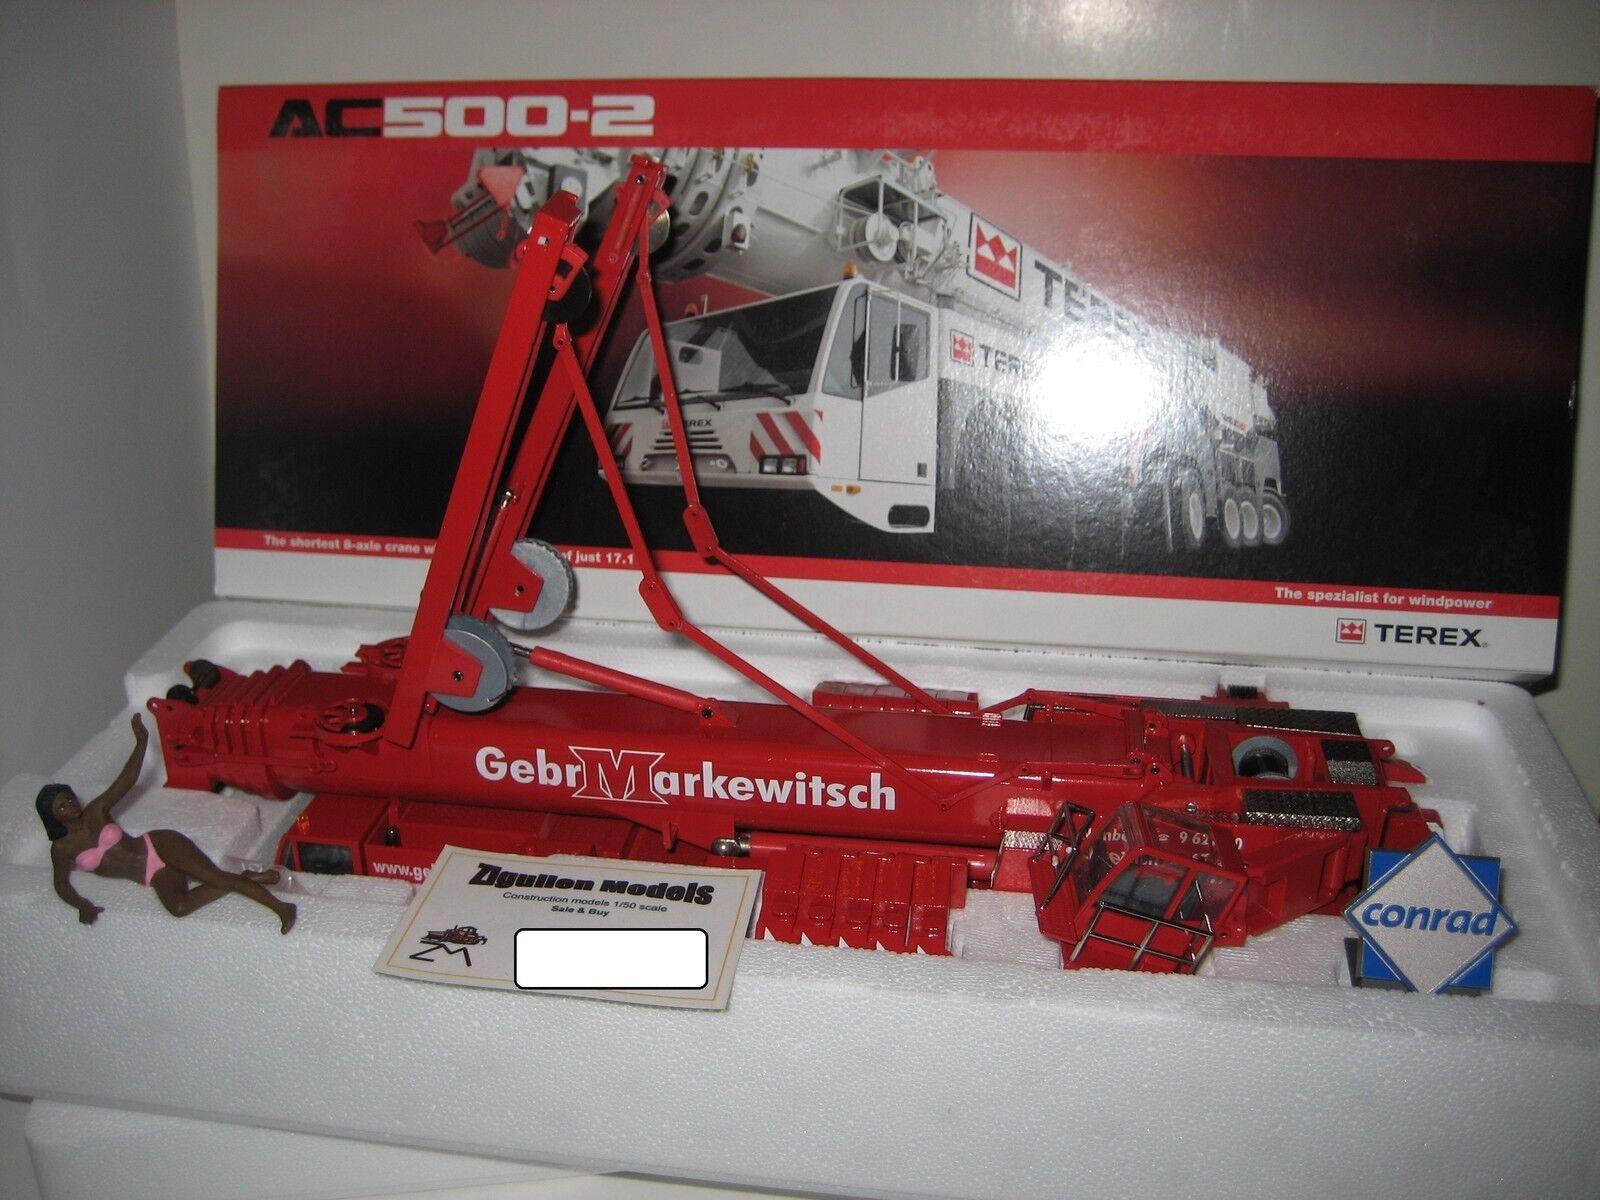 TEREX AC 500-2 AUTOKRAN GEBR. MARKEWITSCH CONRAD 1 50 OVP